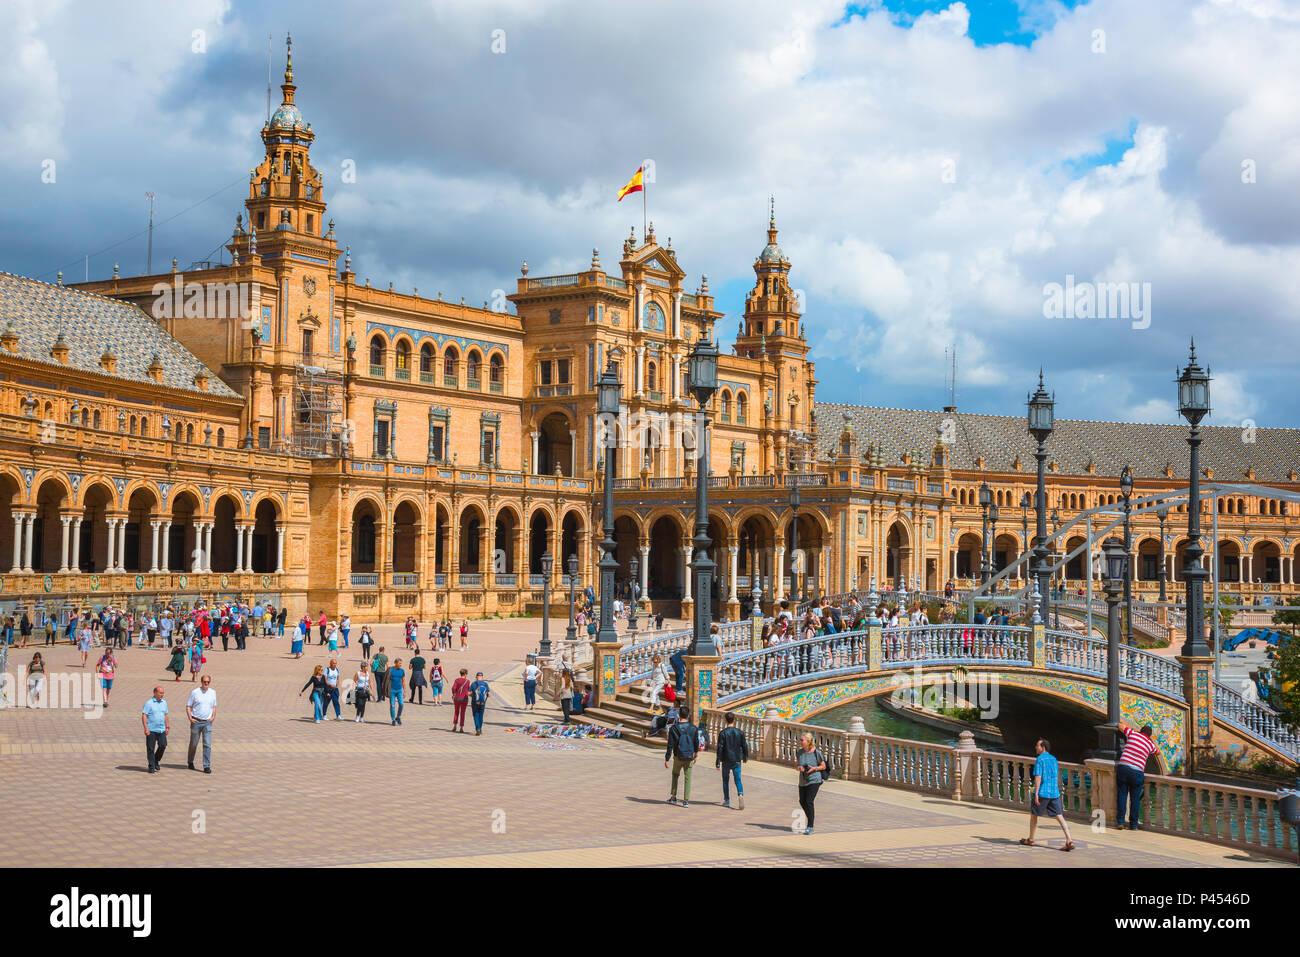 Plaza de Espana Sevilla, Ansicht von Menschen zu Fuß durch die Plaza de Espana in Sevilla (Sevilla) an einem Sommernachmittag, Andalusien, Spanien. Stockbild